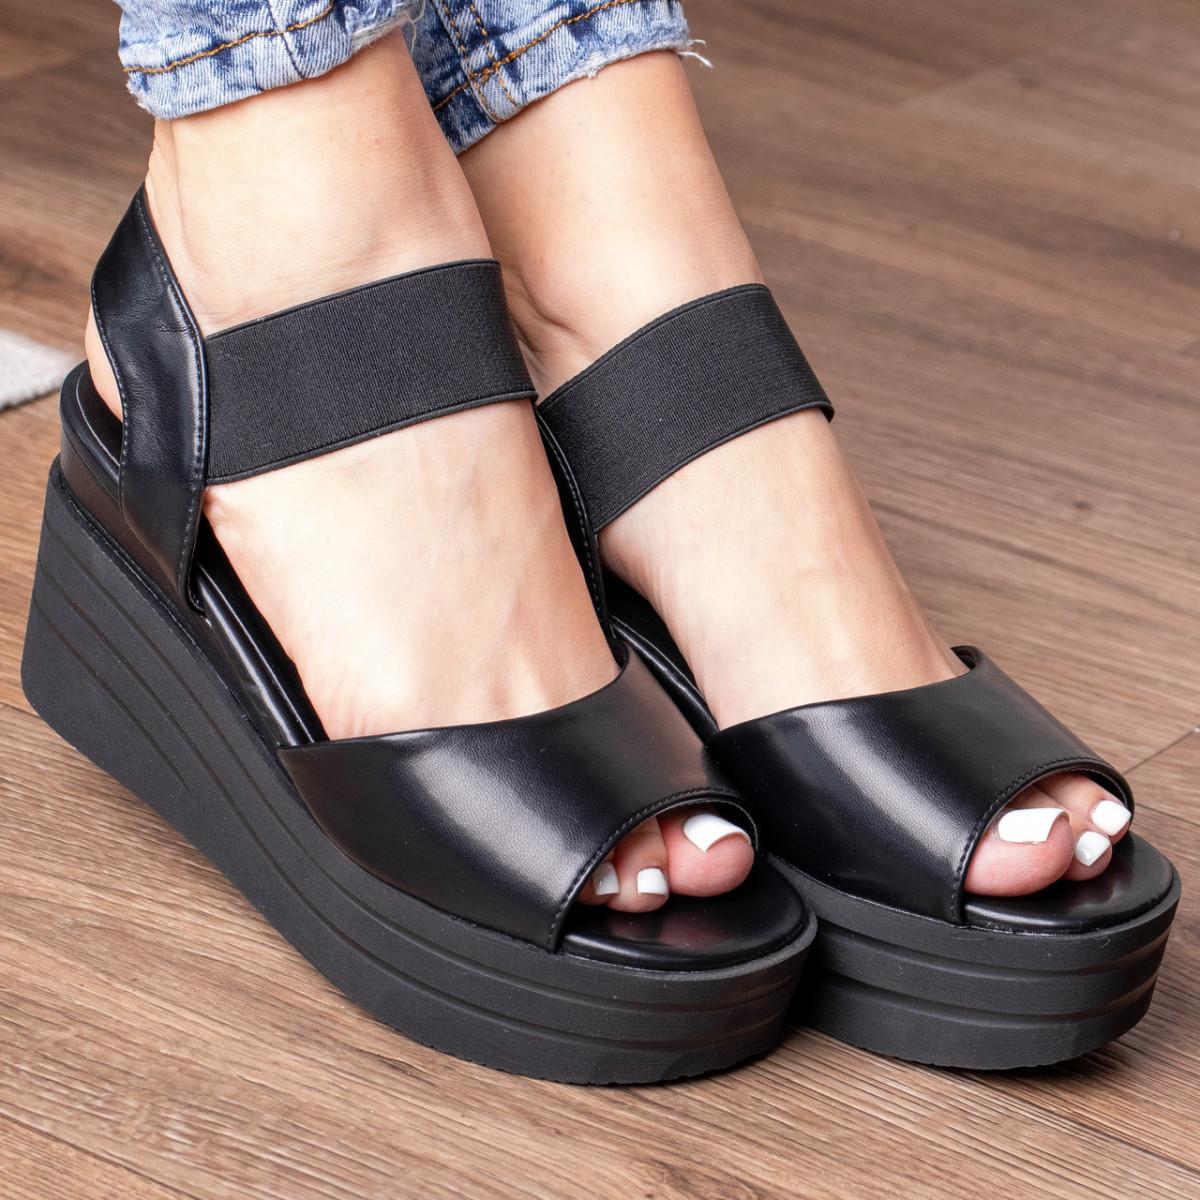 Женские сандалии Fashion Batista 3085 35 размер 22,5 см Черный